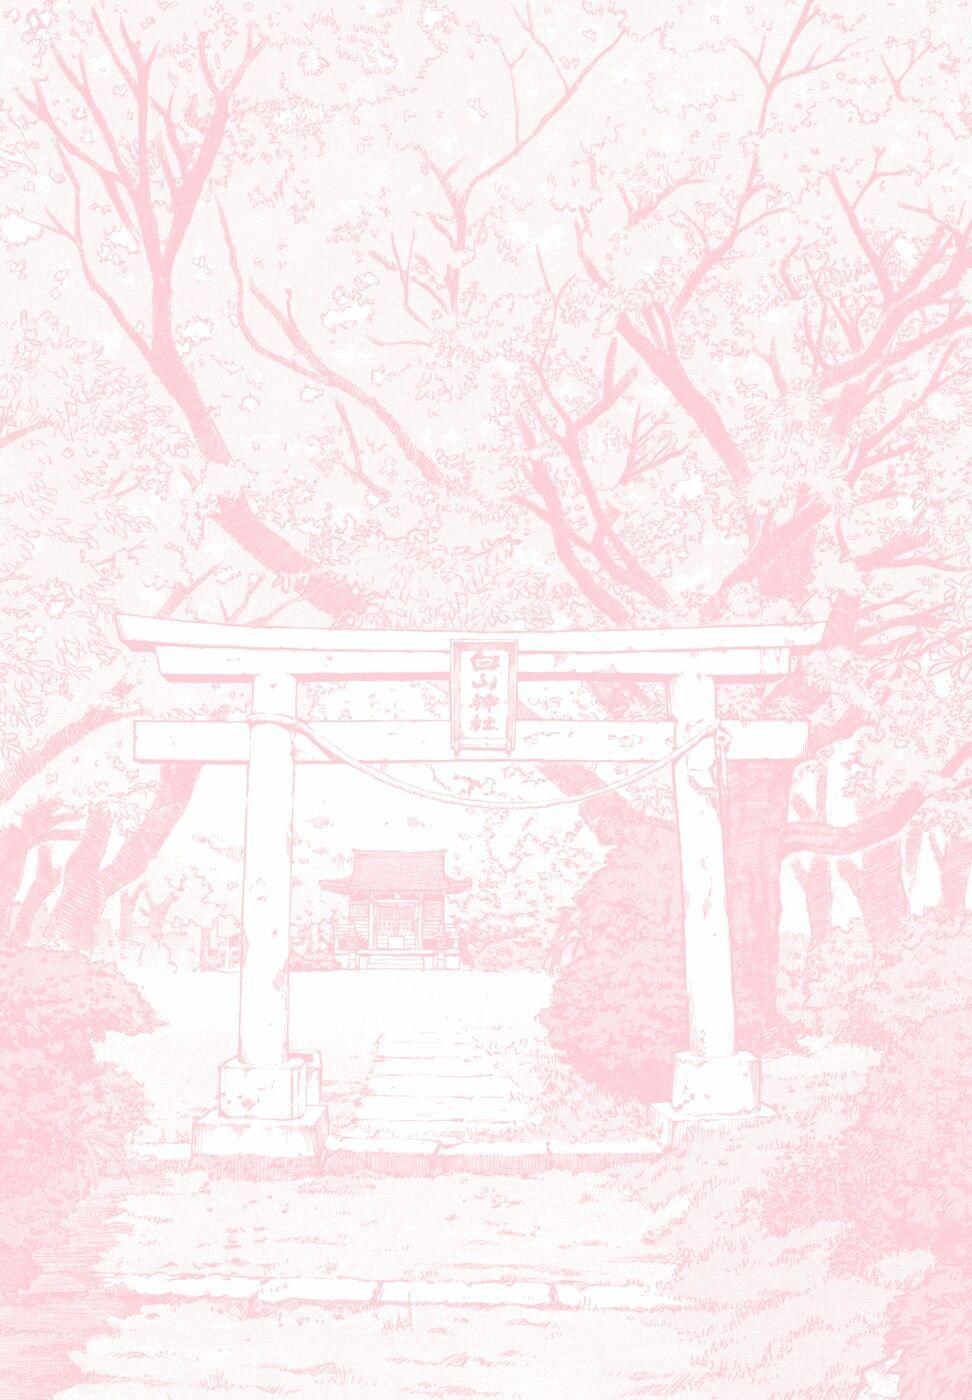 Aesthetic Pastel Anime Backgrounds Contoh Soal Pelajaran Puisi Dan Pidato Populer